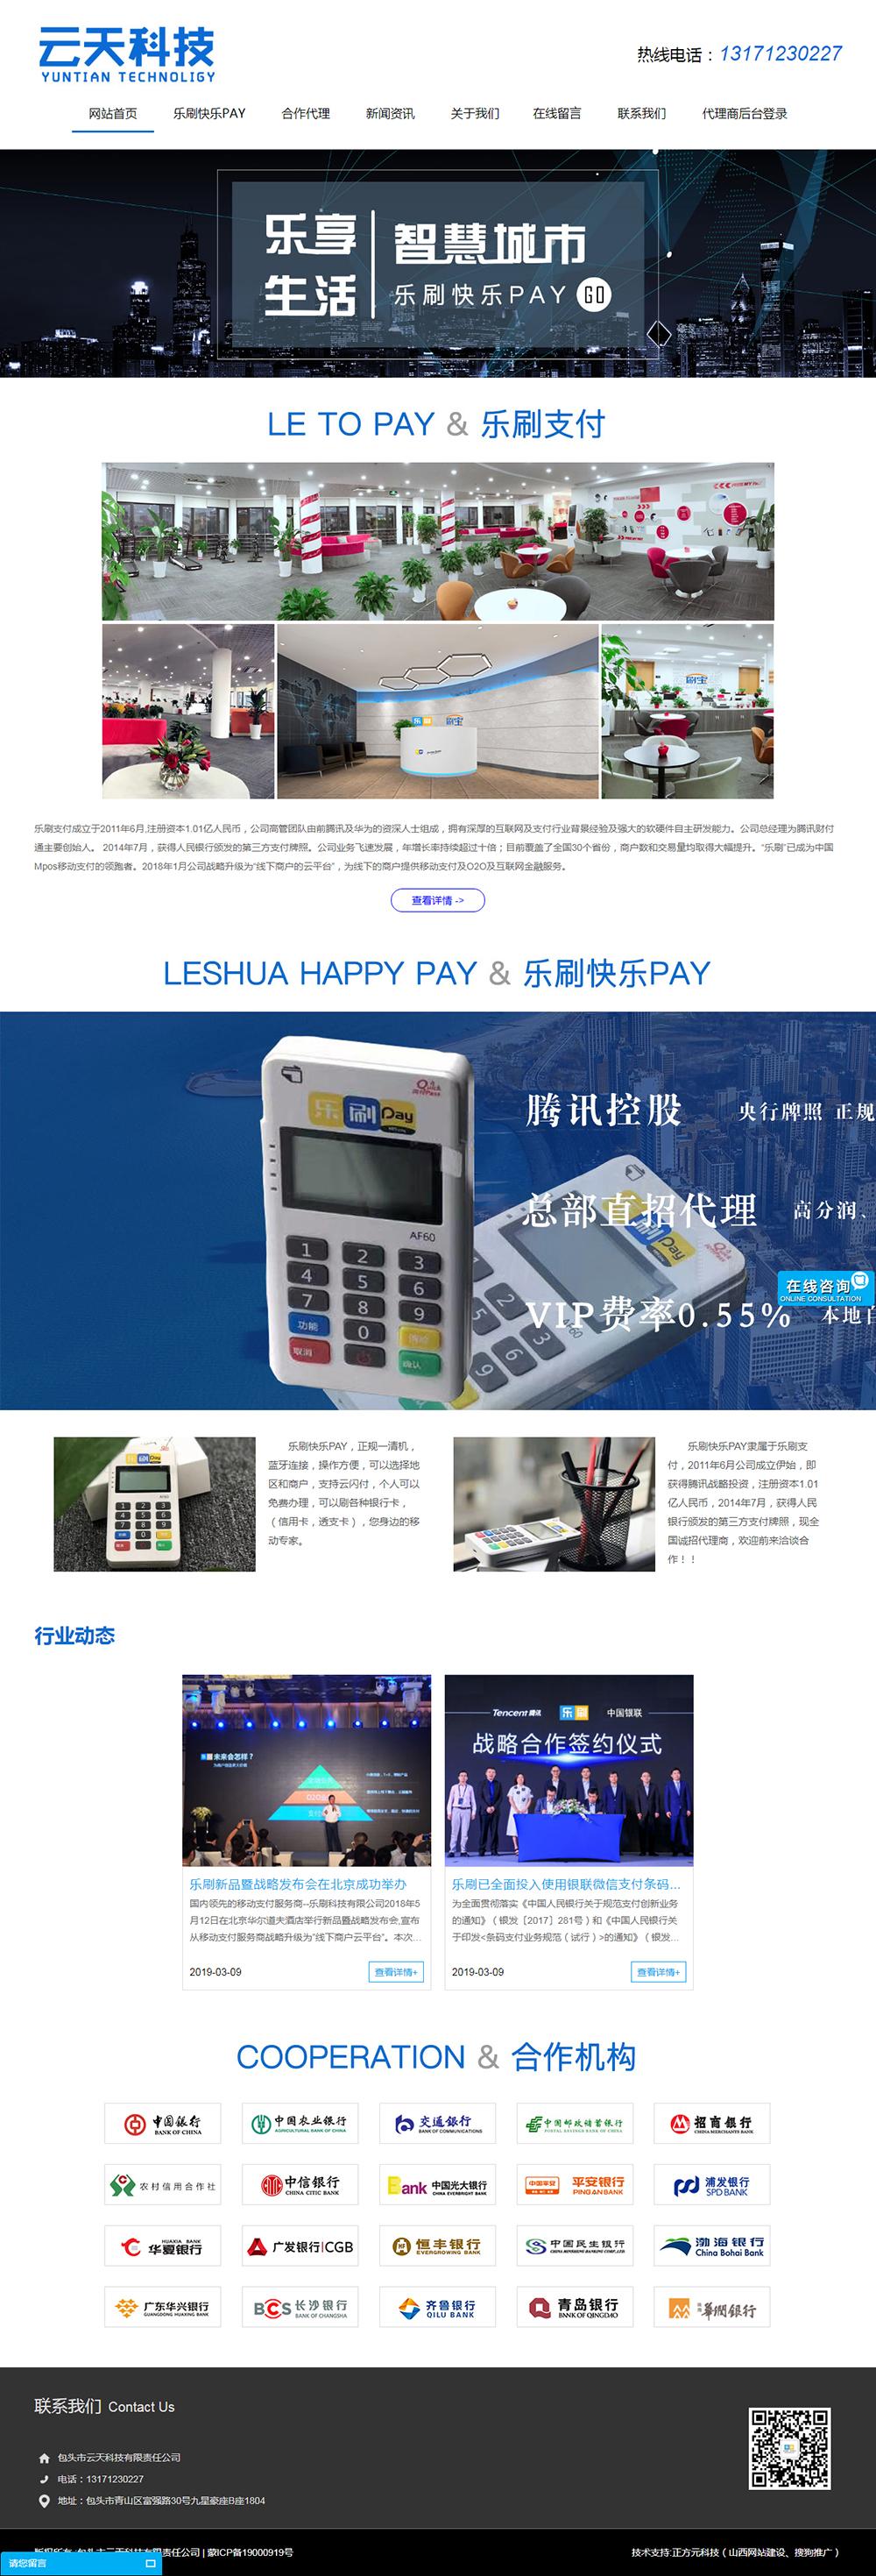 易胜博ysb248网址-包头市云天科技有限责任公司